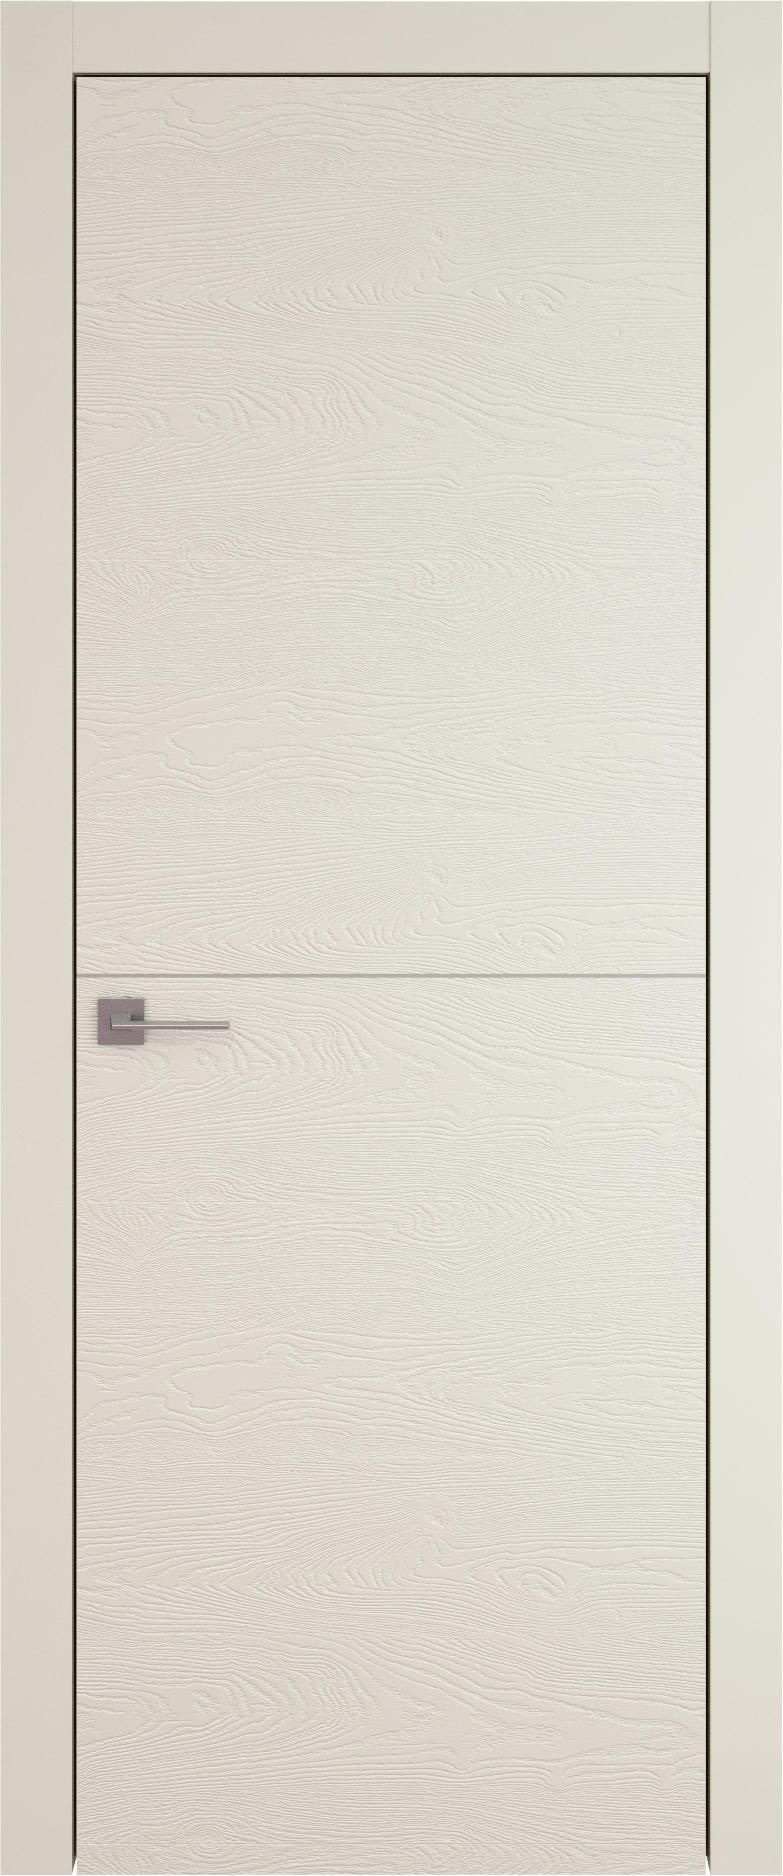 Tivoli Б-3 цвет - Жемчужная эмаль по шпону (RAL 1013) Без стекла (ДГ)